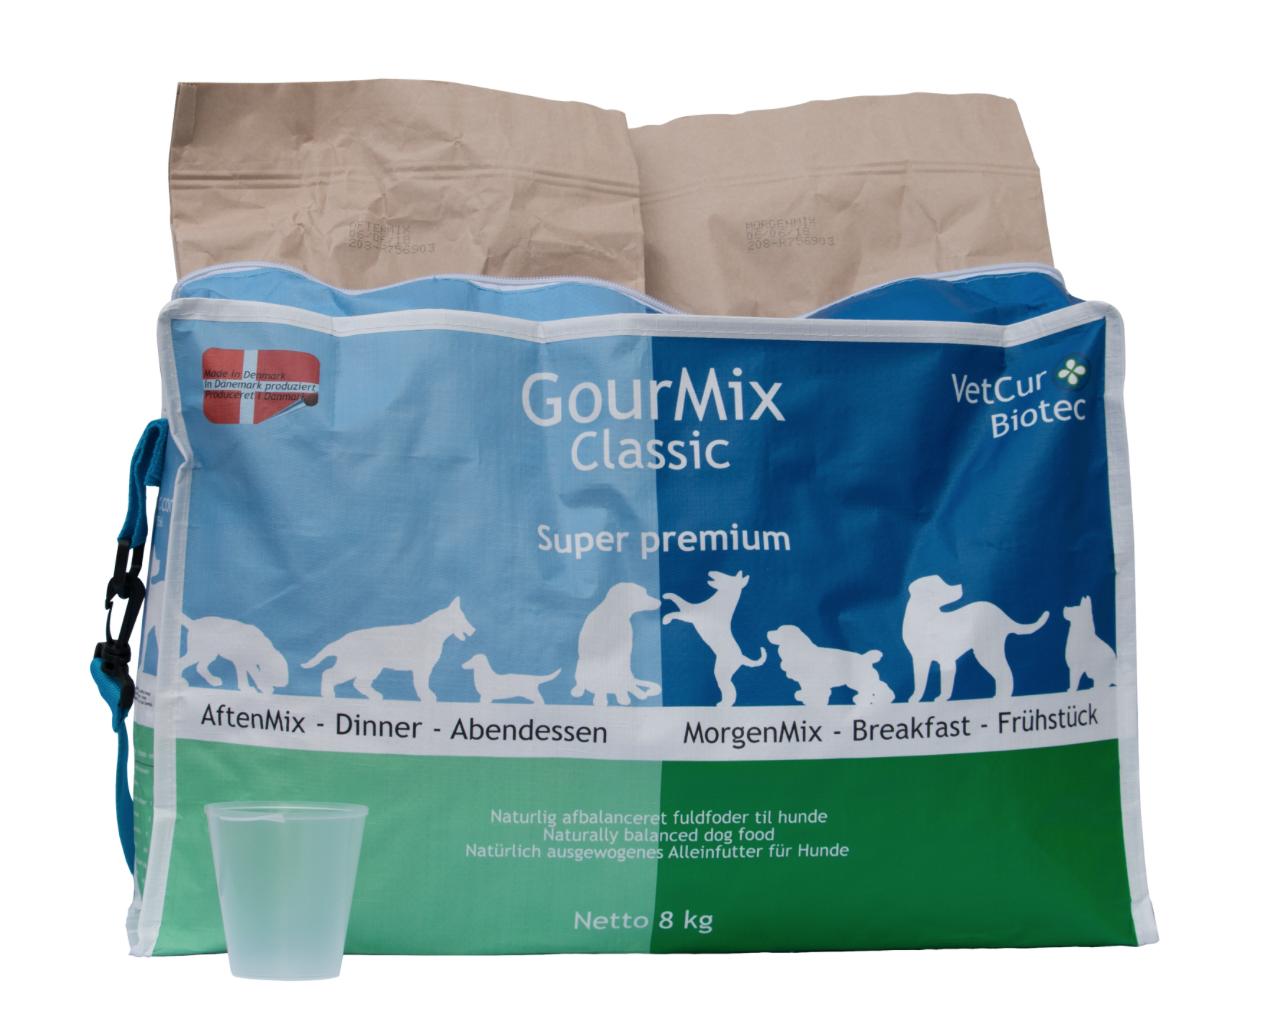 GourMix Classic tørfoder fra VetCur - 8 kg - BEMÆRK FRAGTFRI LEVERING thumbnail